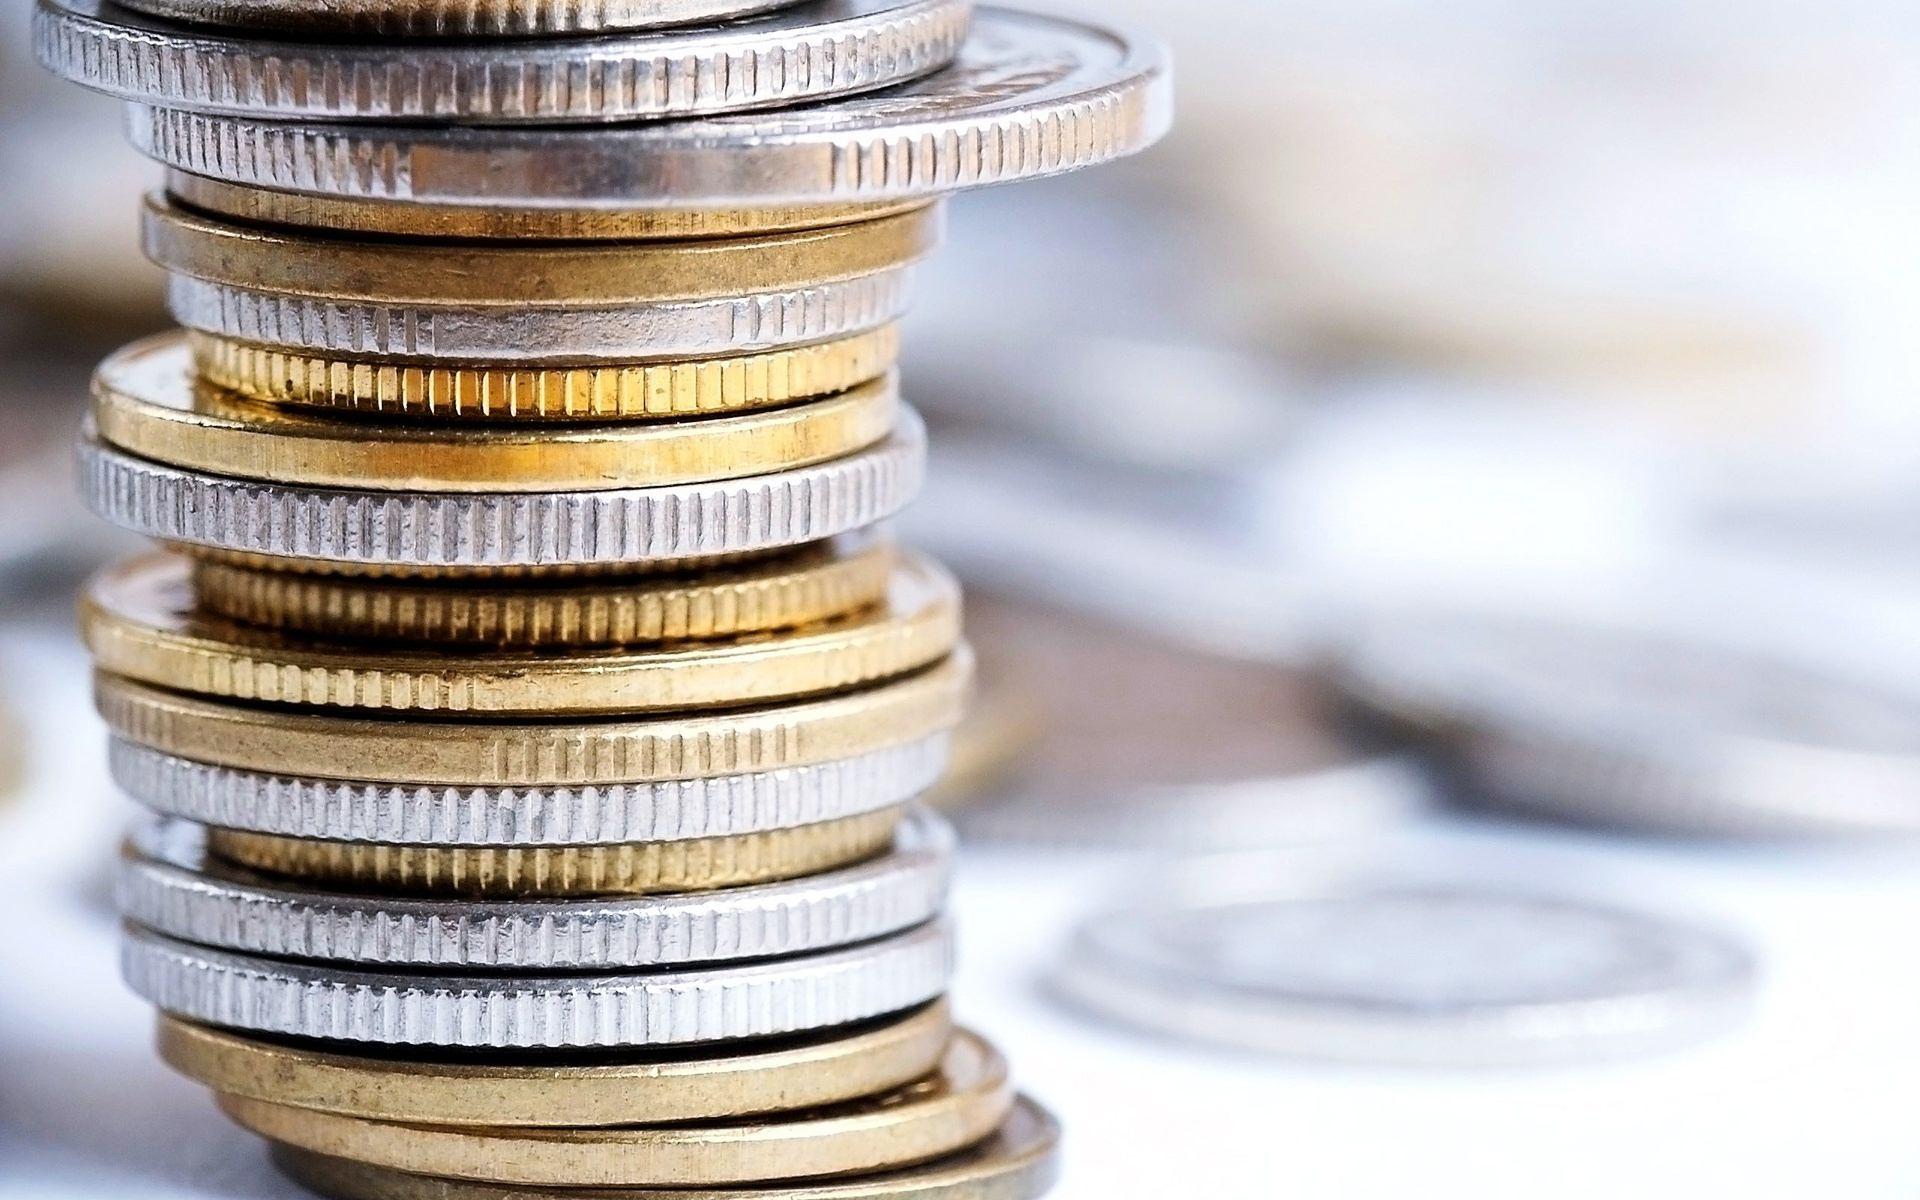 coins wallpaper hd 44251 45366 hd wallpapers Devoțional